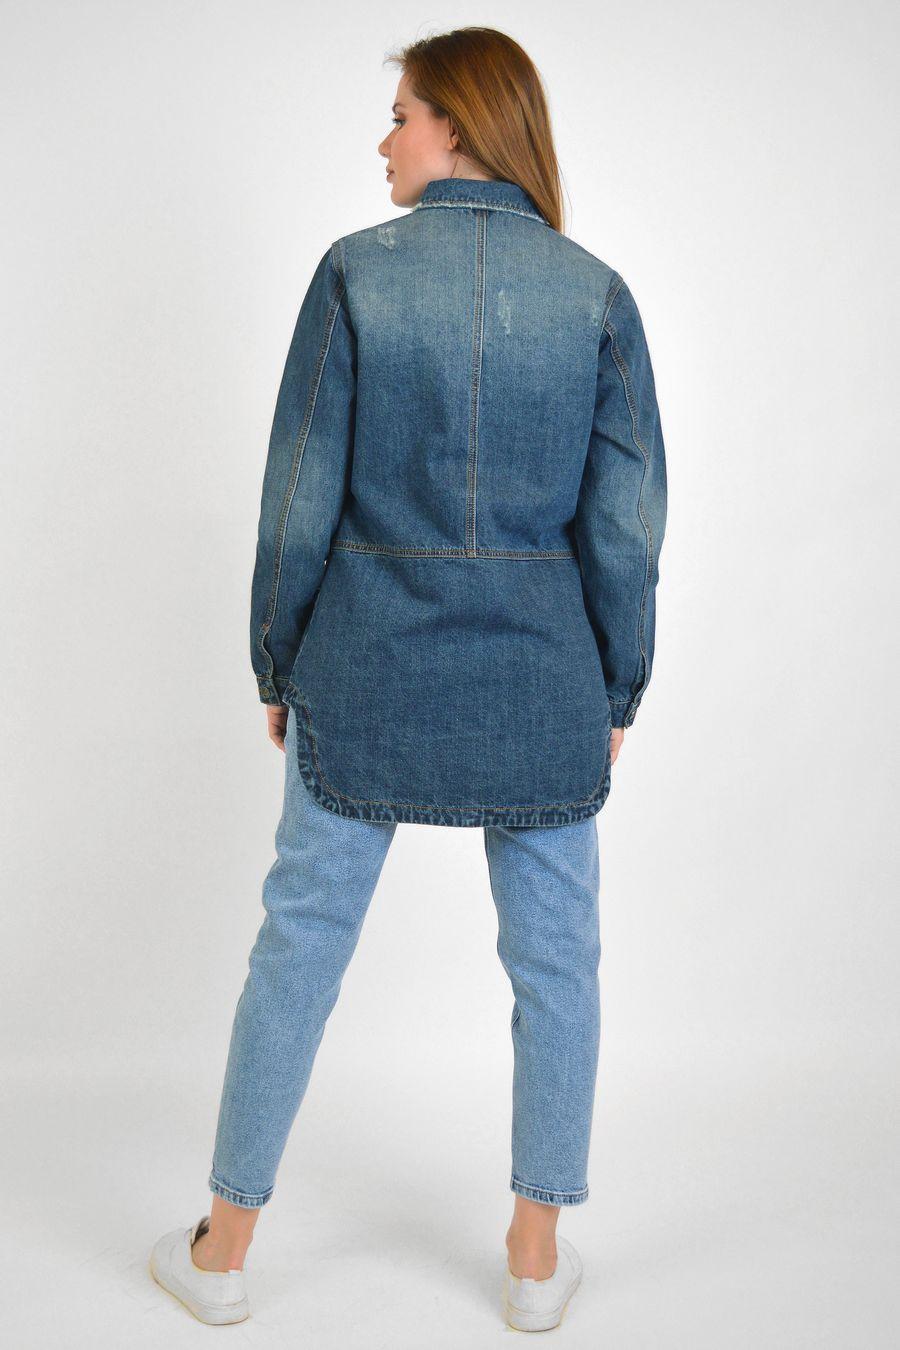 Рубашка женская Baccino 6093 джинсовая - фото 4